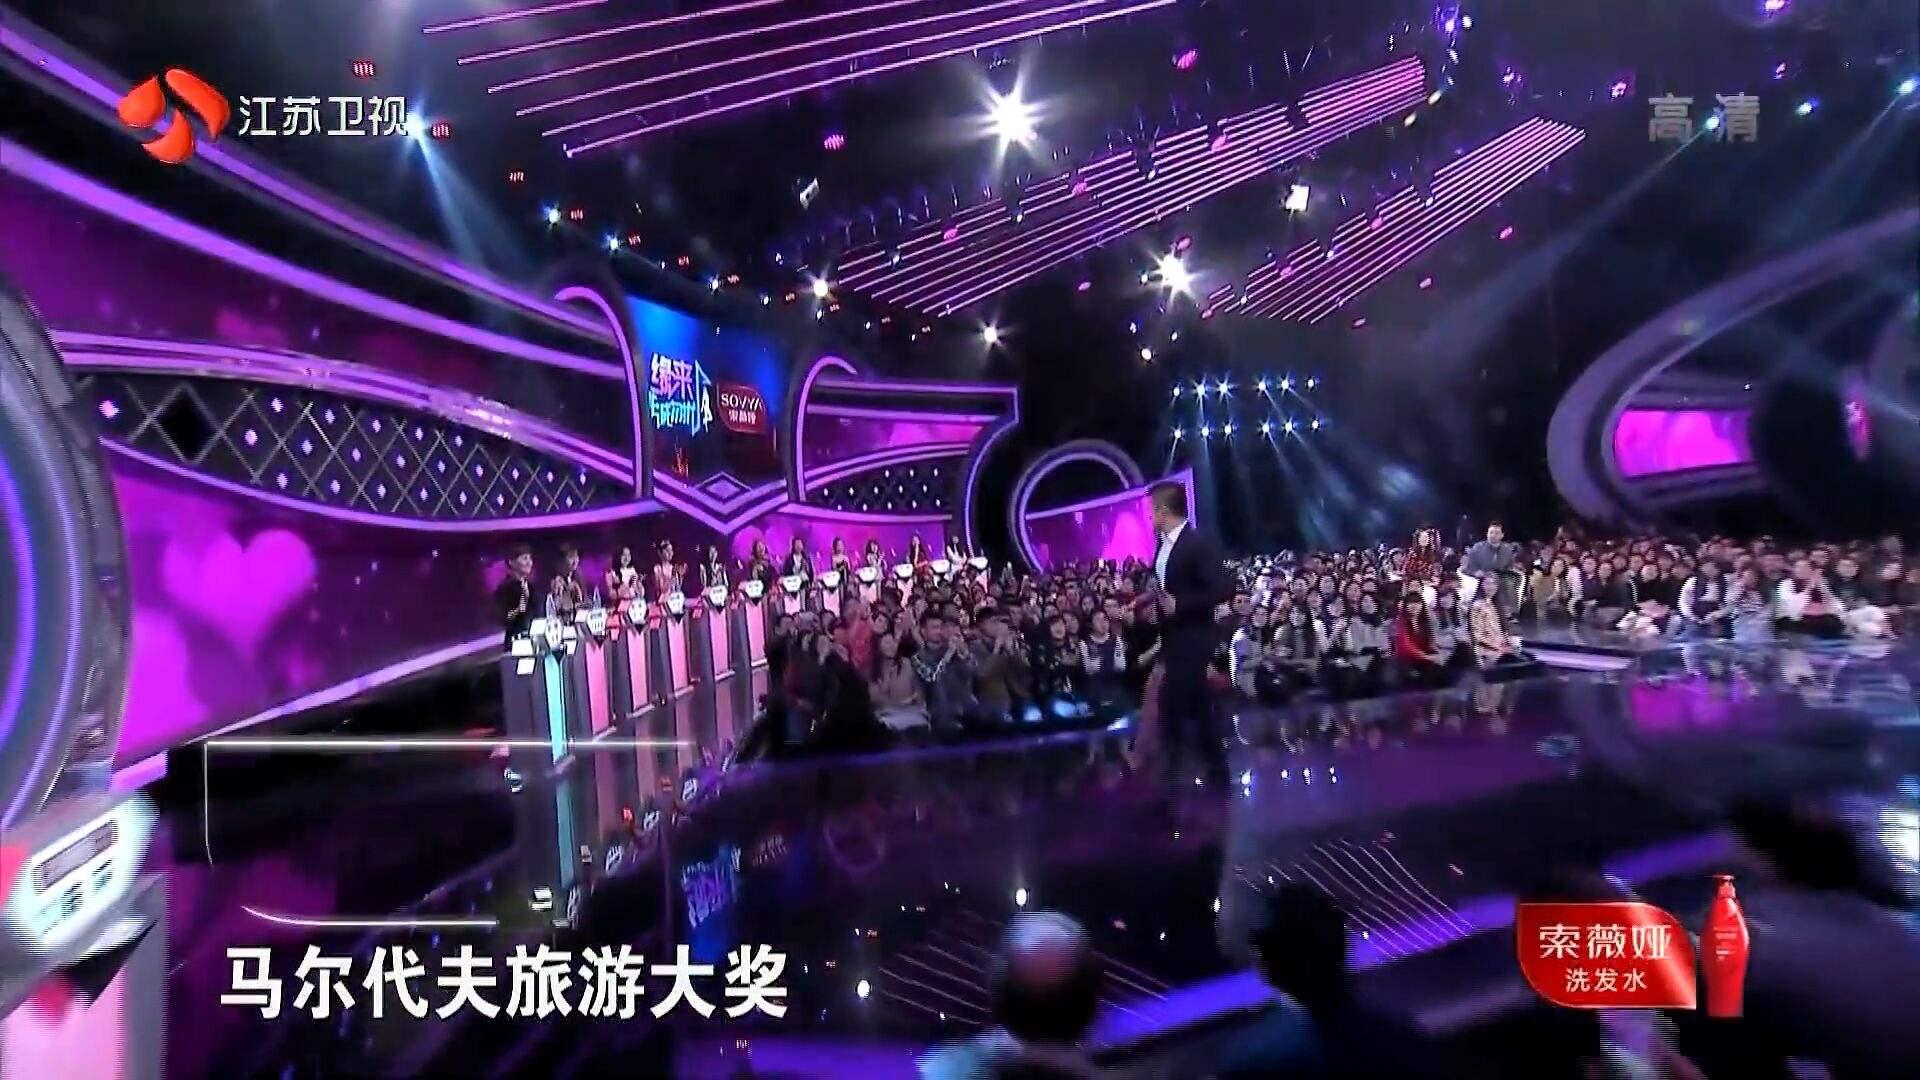 2019年4月24日綜藝節目收視率排行榜,非誠勿擾收視率第七